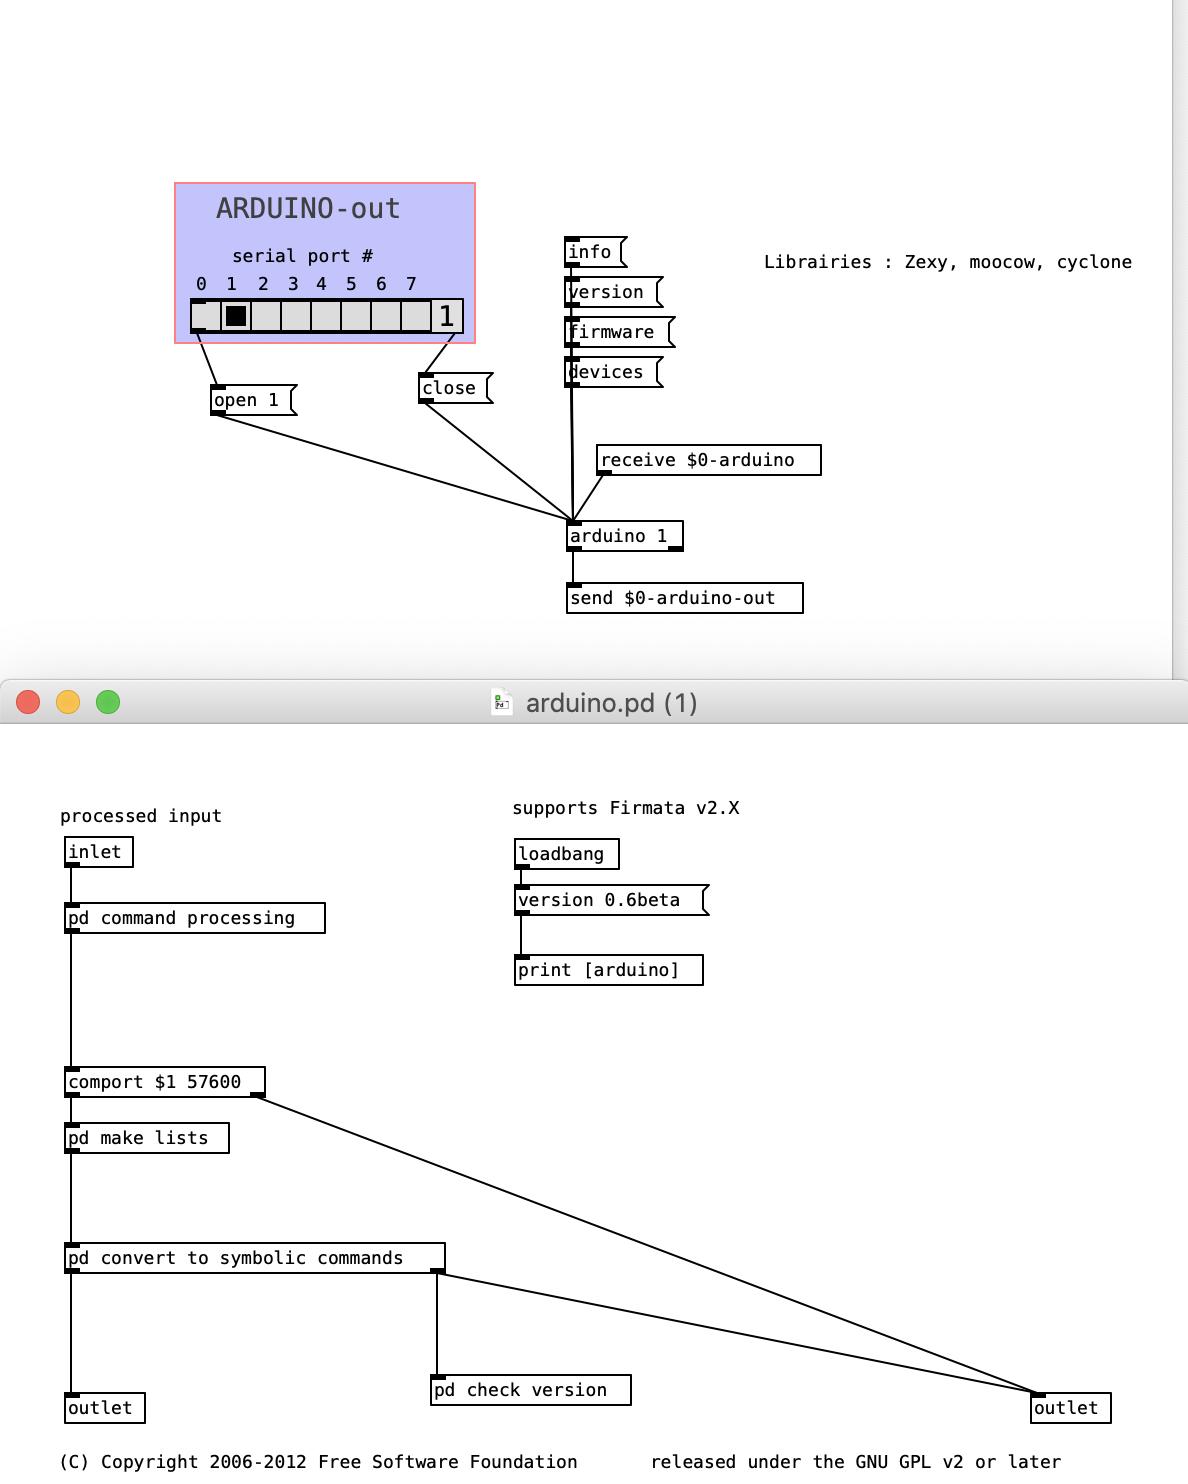 http://codelab.fr/up/Capture-d-ecran-2020-12-05-a-19.28.00.png